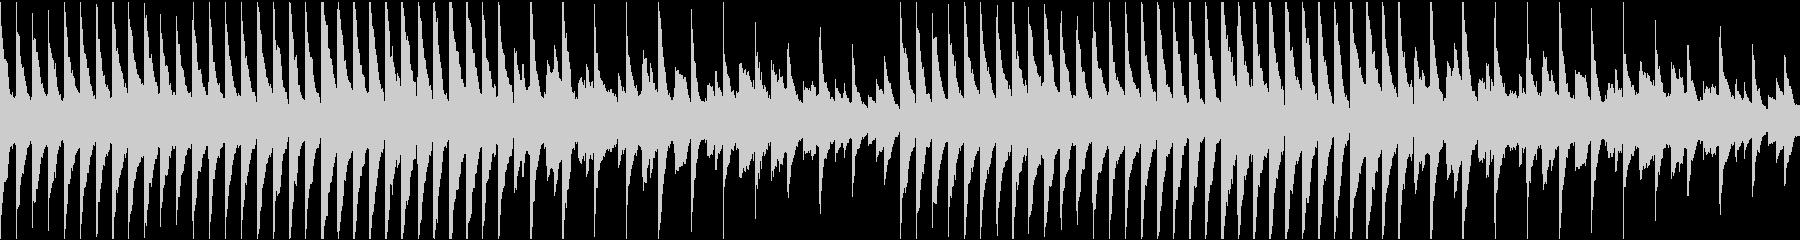 怖い雰囲気のピアノの未再生の波形